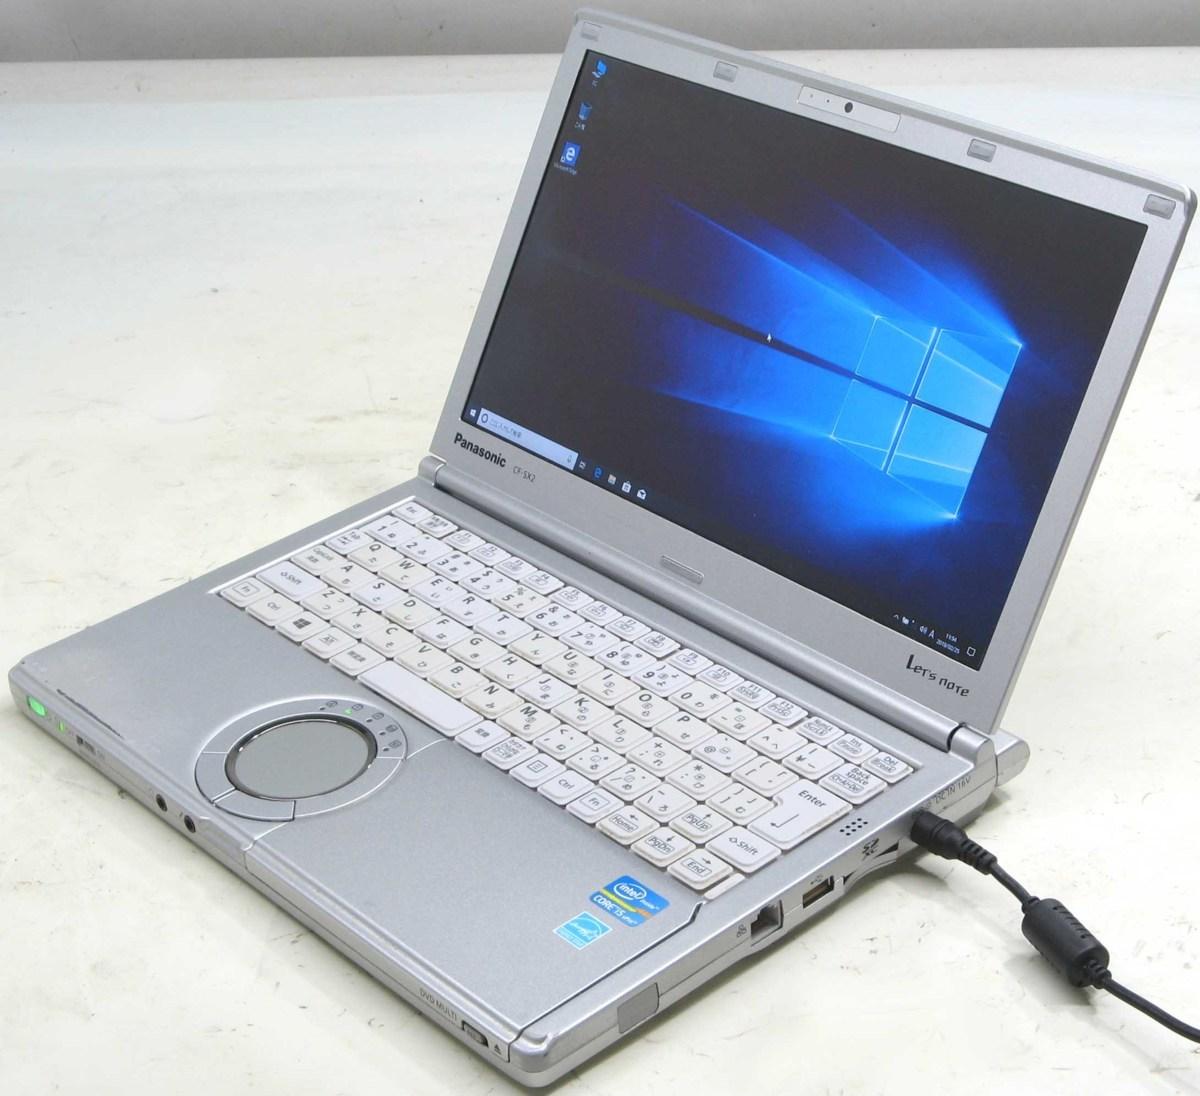 中古ノートパソコン Corei5 Panasonic Let'snote CF-SX2ADHCS(パナソニック Let'snote レッツノート Windows10 Corei5 12.1インチ HDMI出力端子 HDMI出力端子 DVDスーパーマルチドライブ)【中古】【中古パソコン/中古PC】, 徳島県:a5daf1ff --- officewill.xsrv.jp